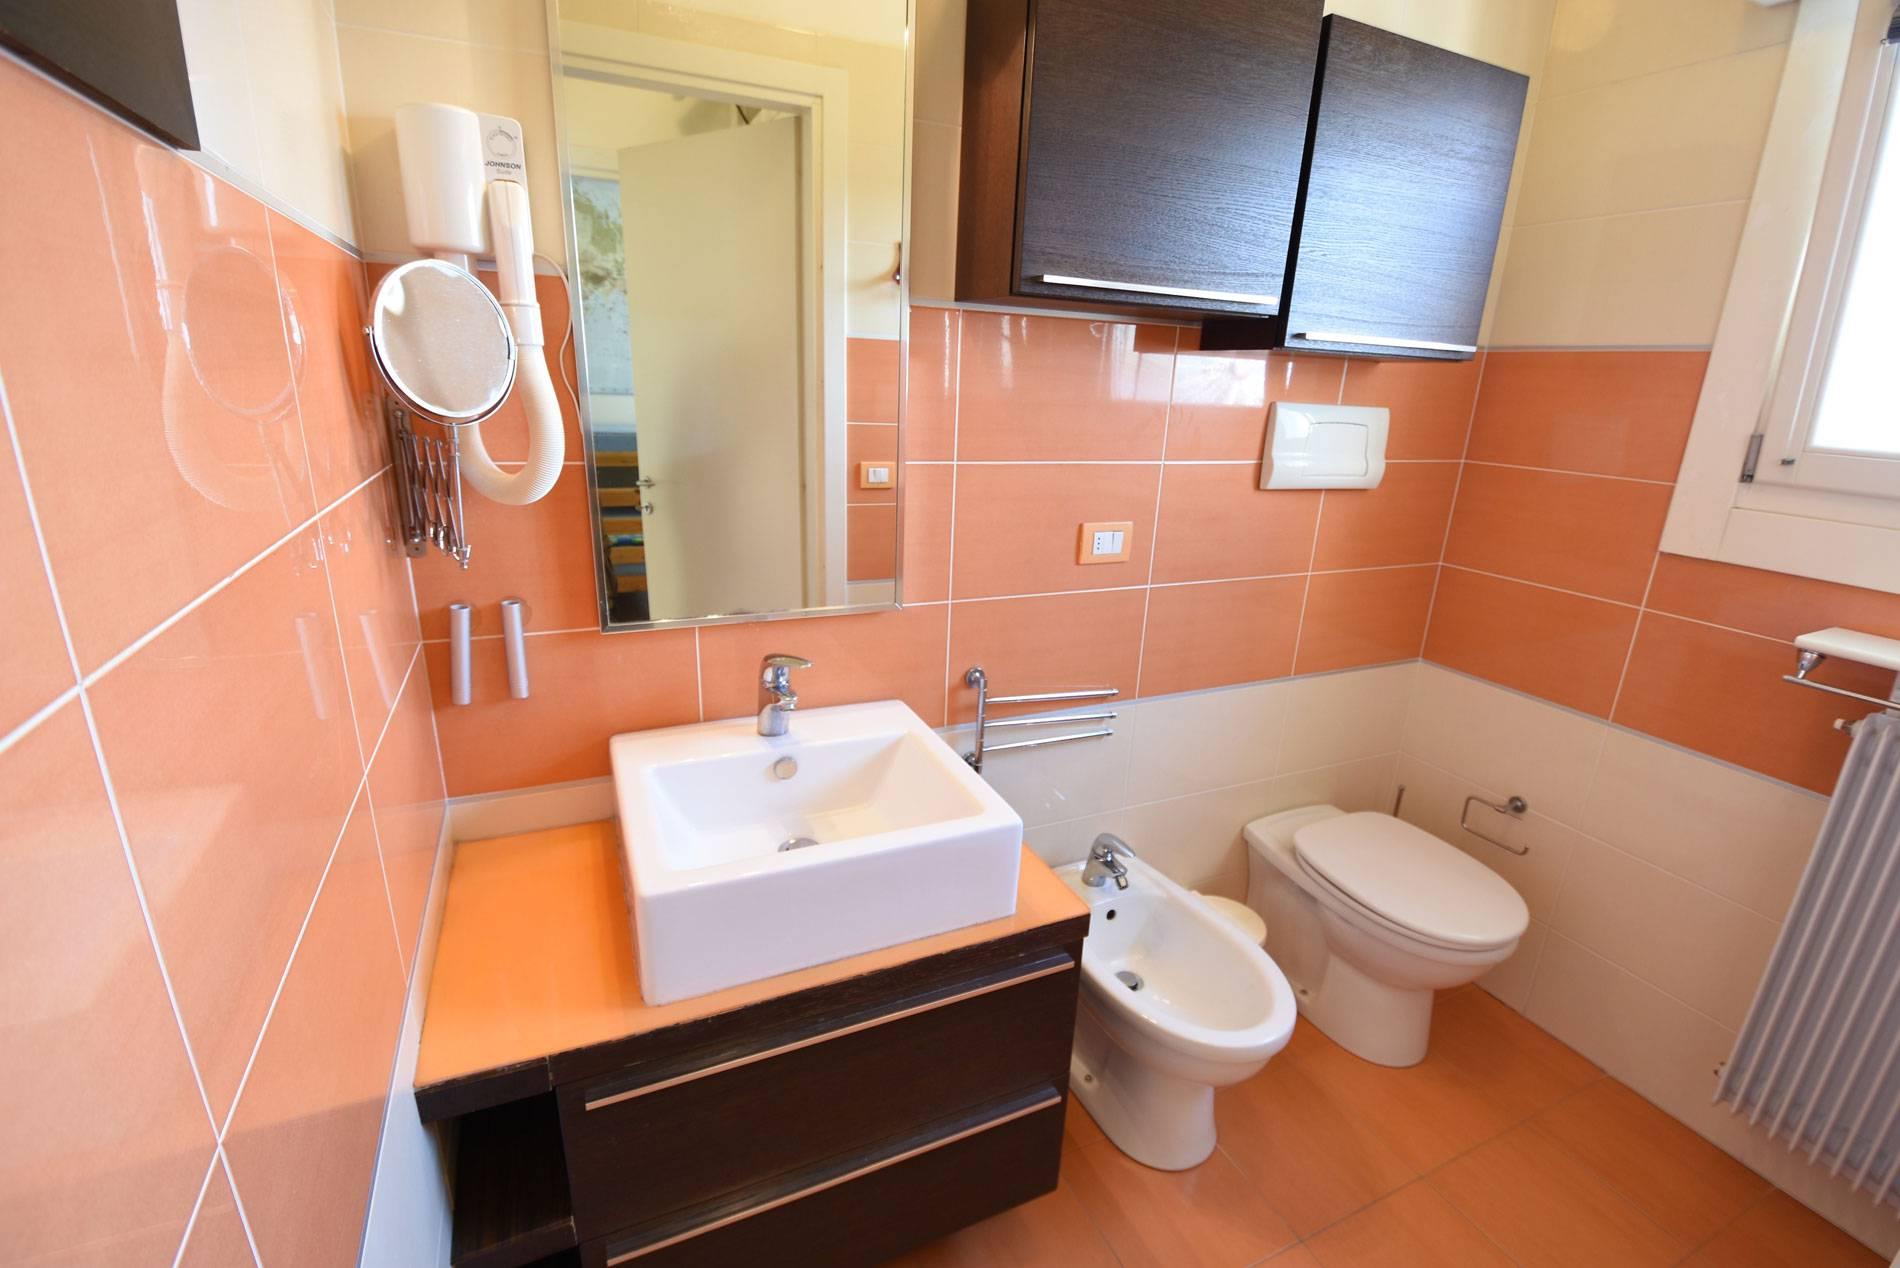 bagno-appartamento-vacanza-jesolo-763905224